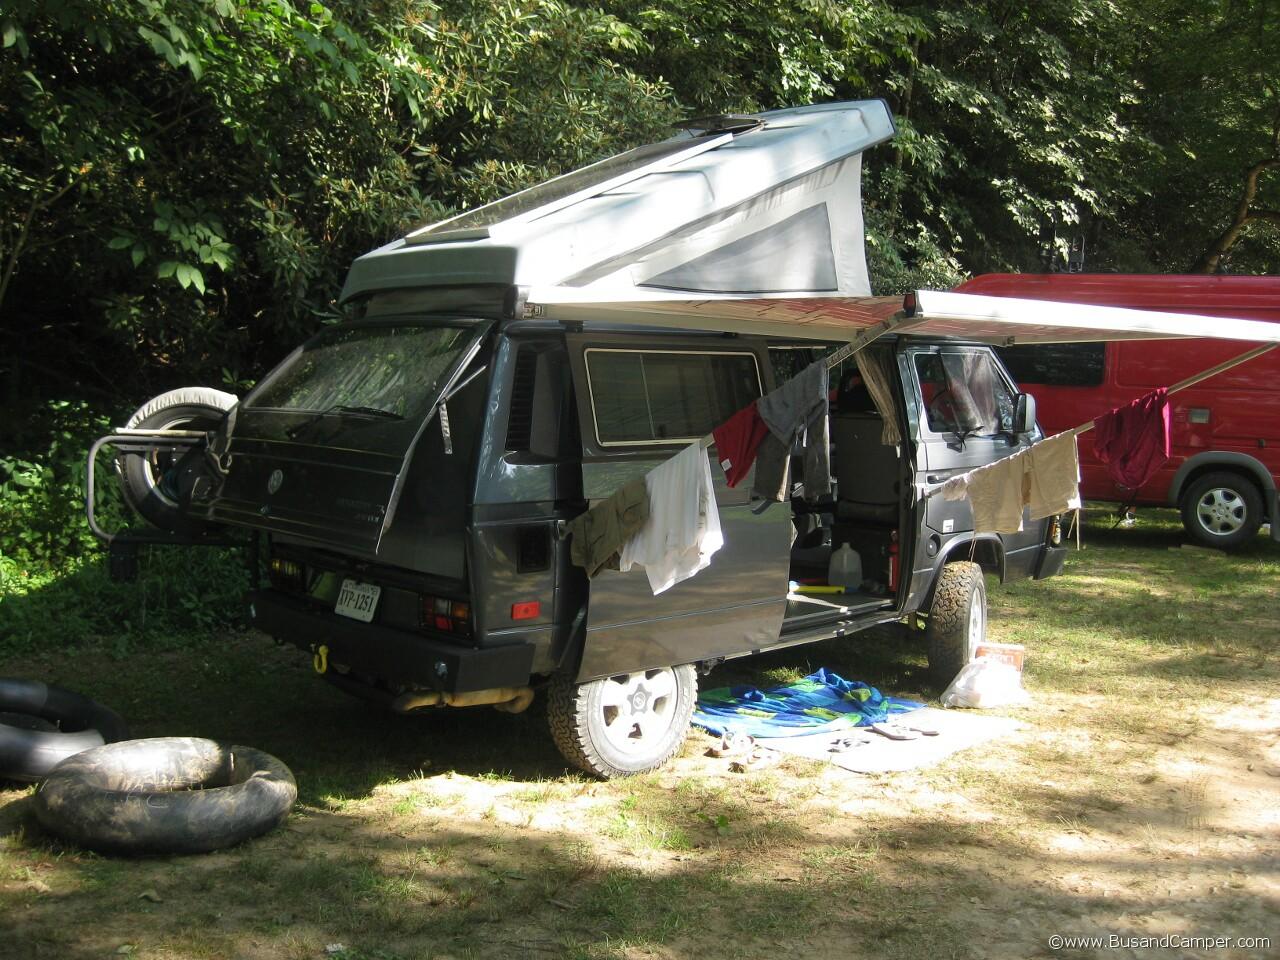 Volkswagen Syncro Westfalia camping